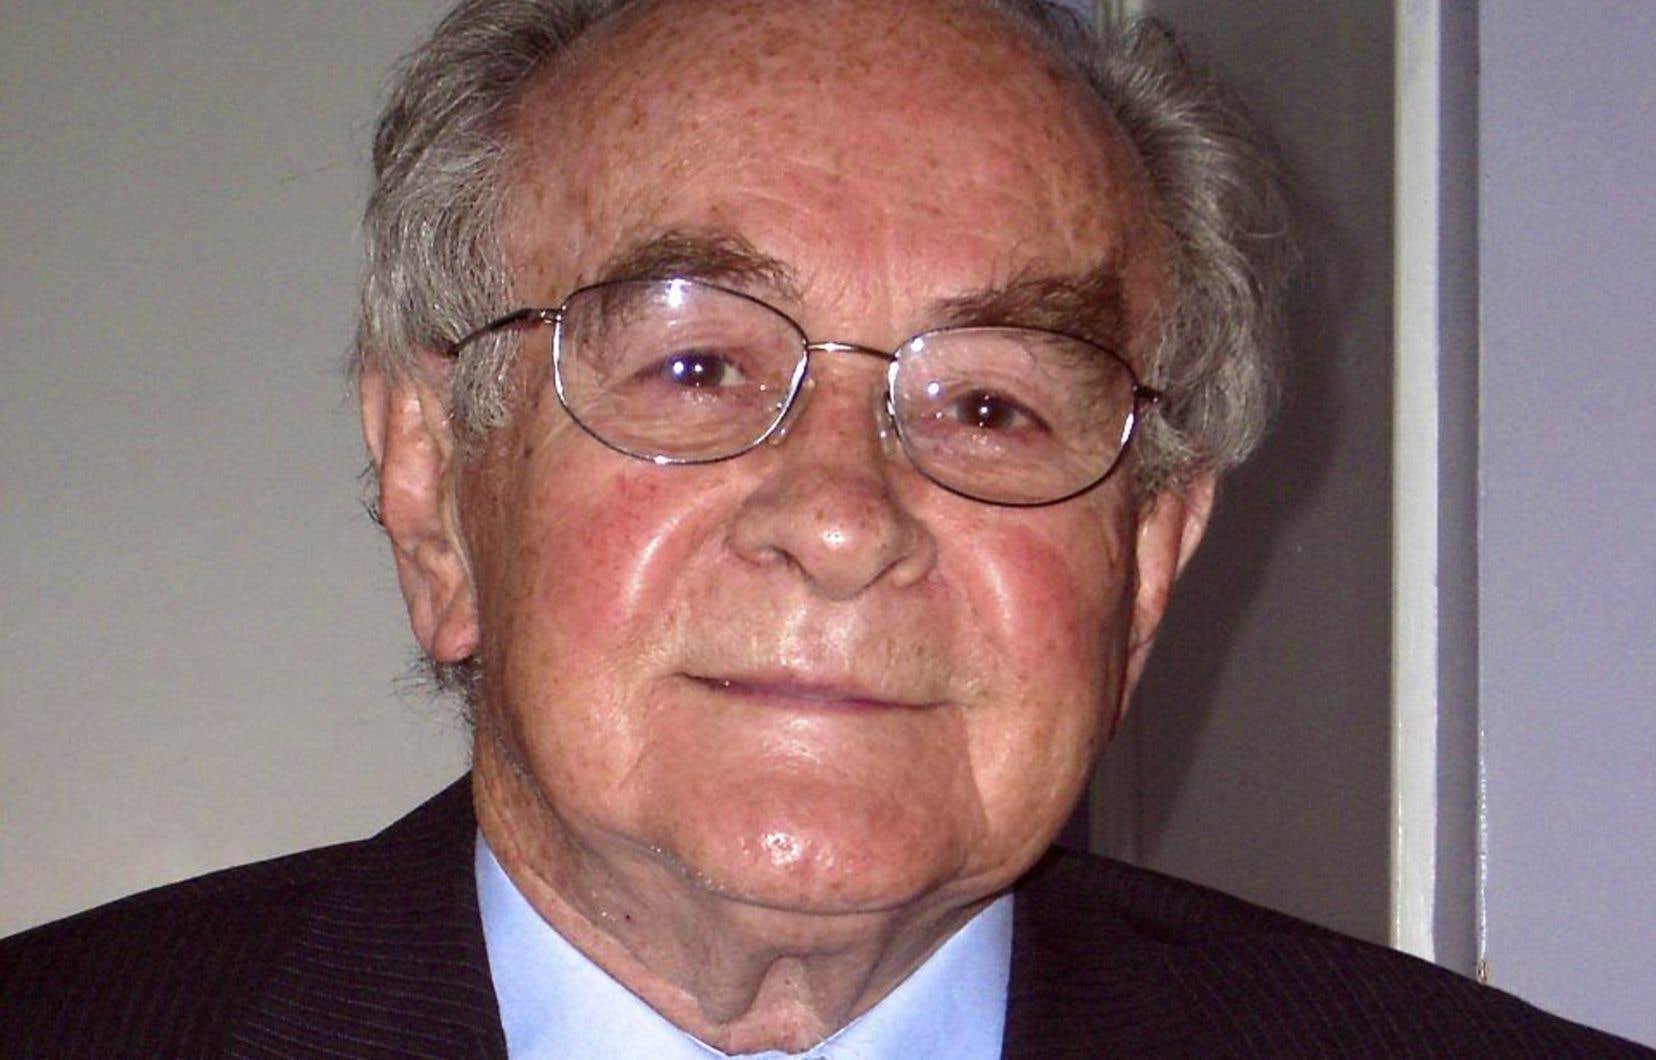 Louis O'Neill était de cette génération pour qui le combat en faveur des plus faibles était un devoir et une exigence morale, souligne l'auteur.